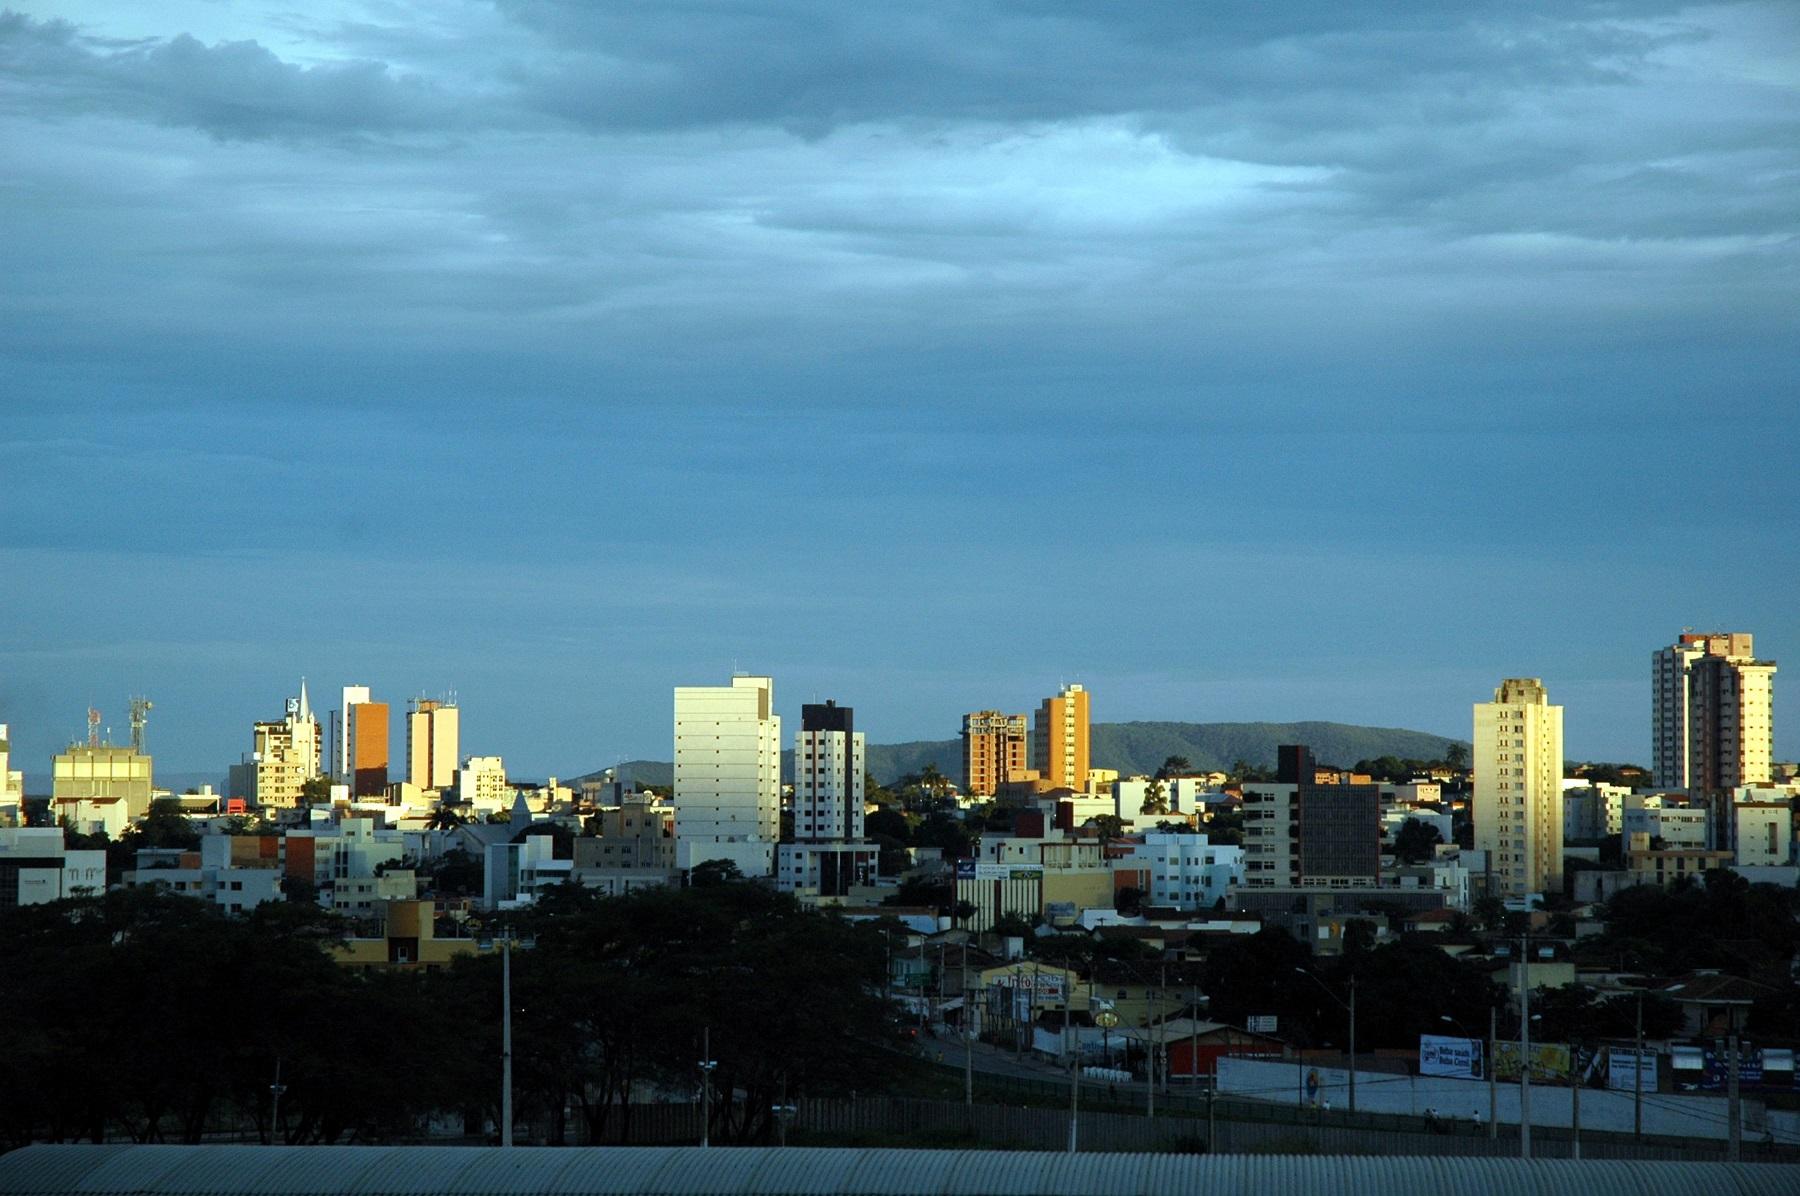 Imagem de destaque Administração municipal atrai investidores e gera mais emprego e renda para a população